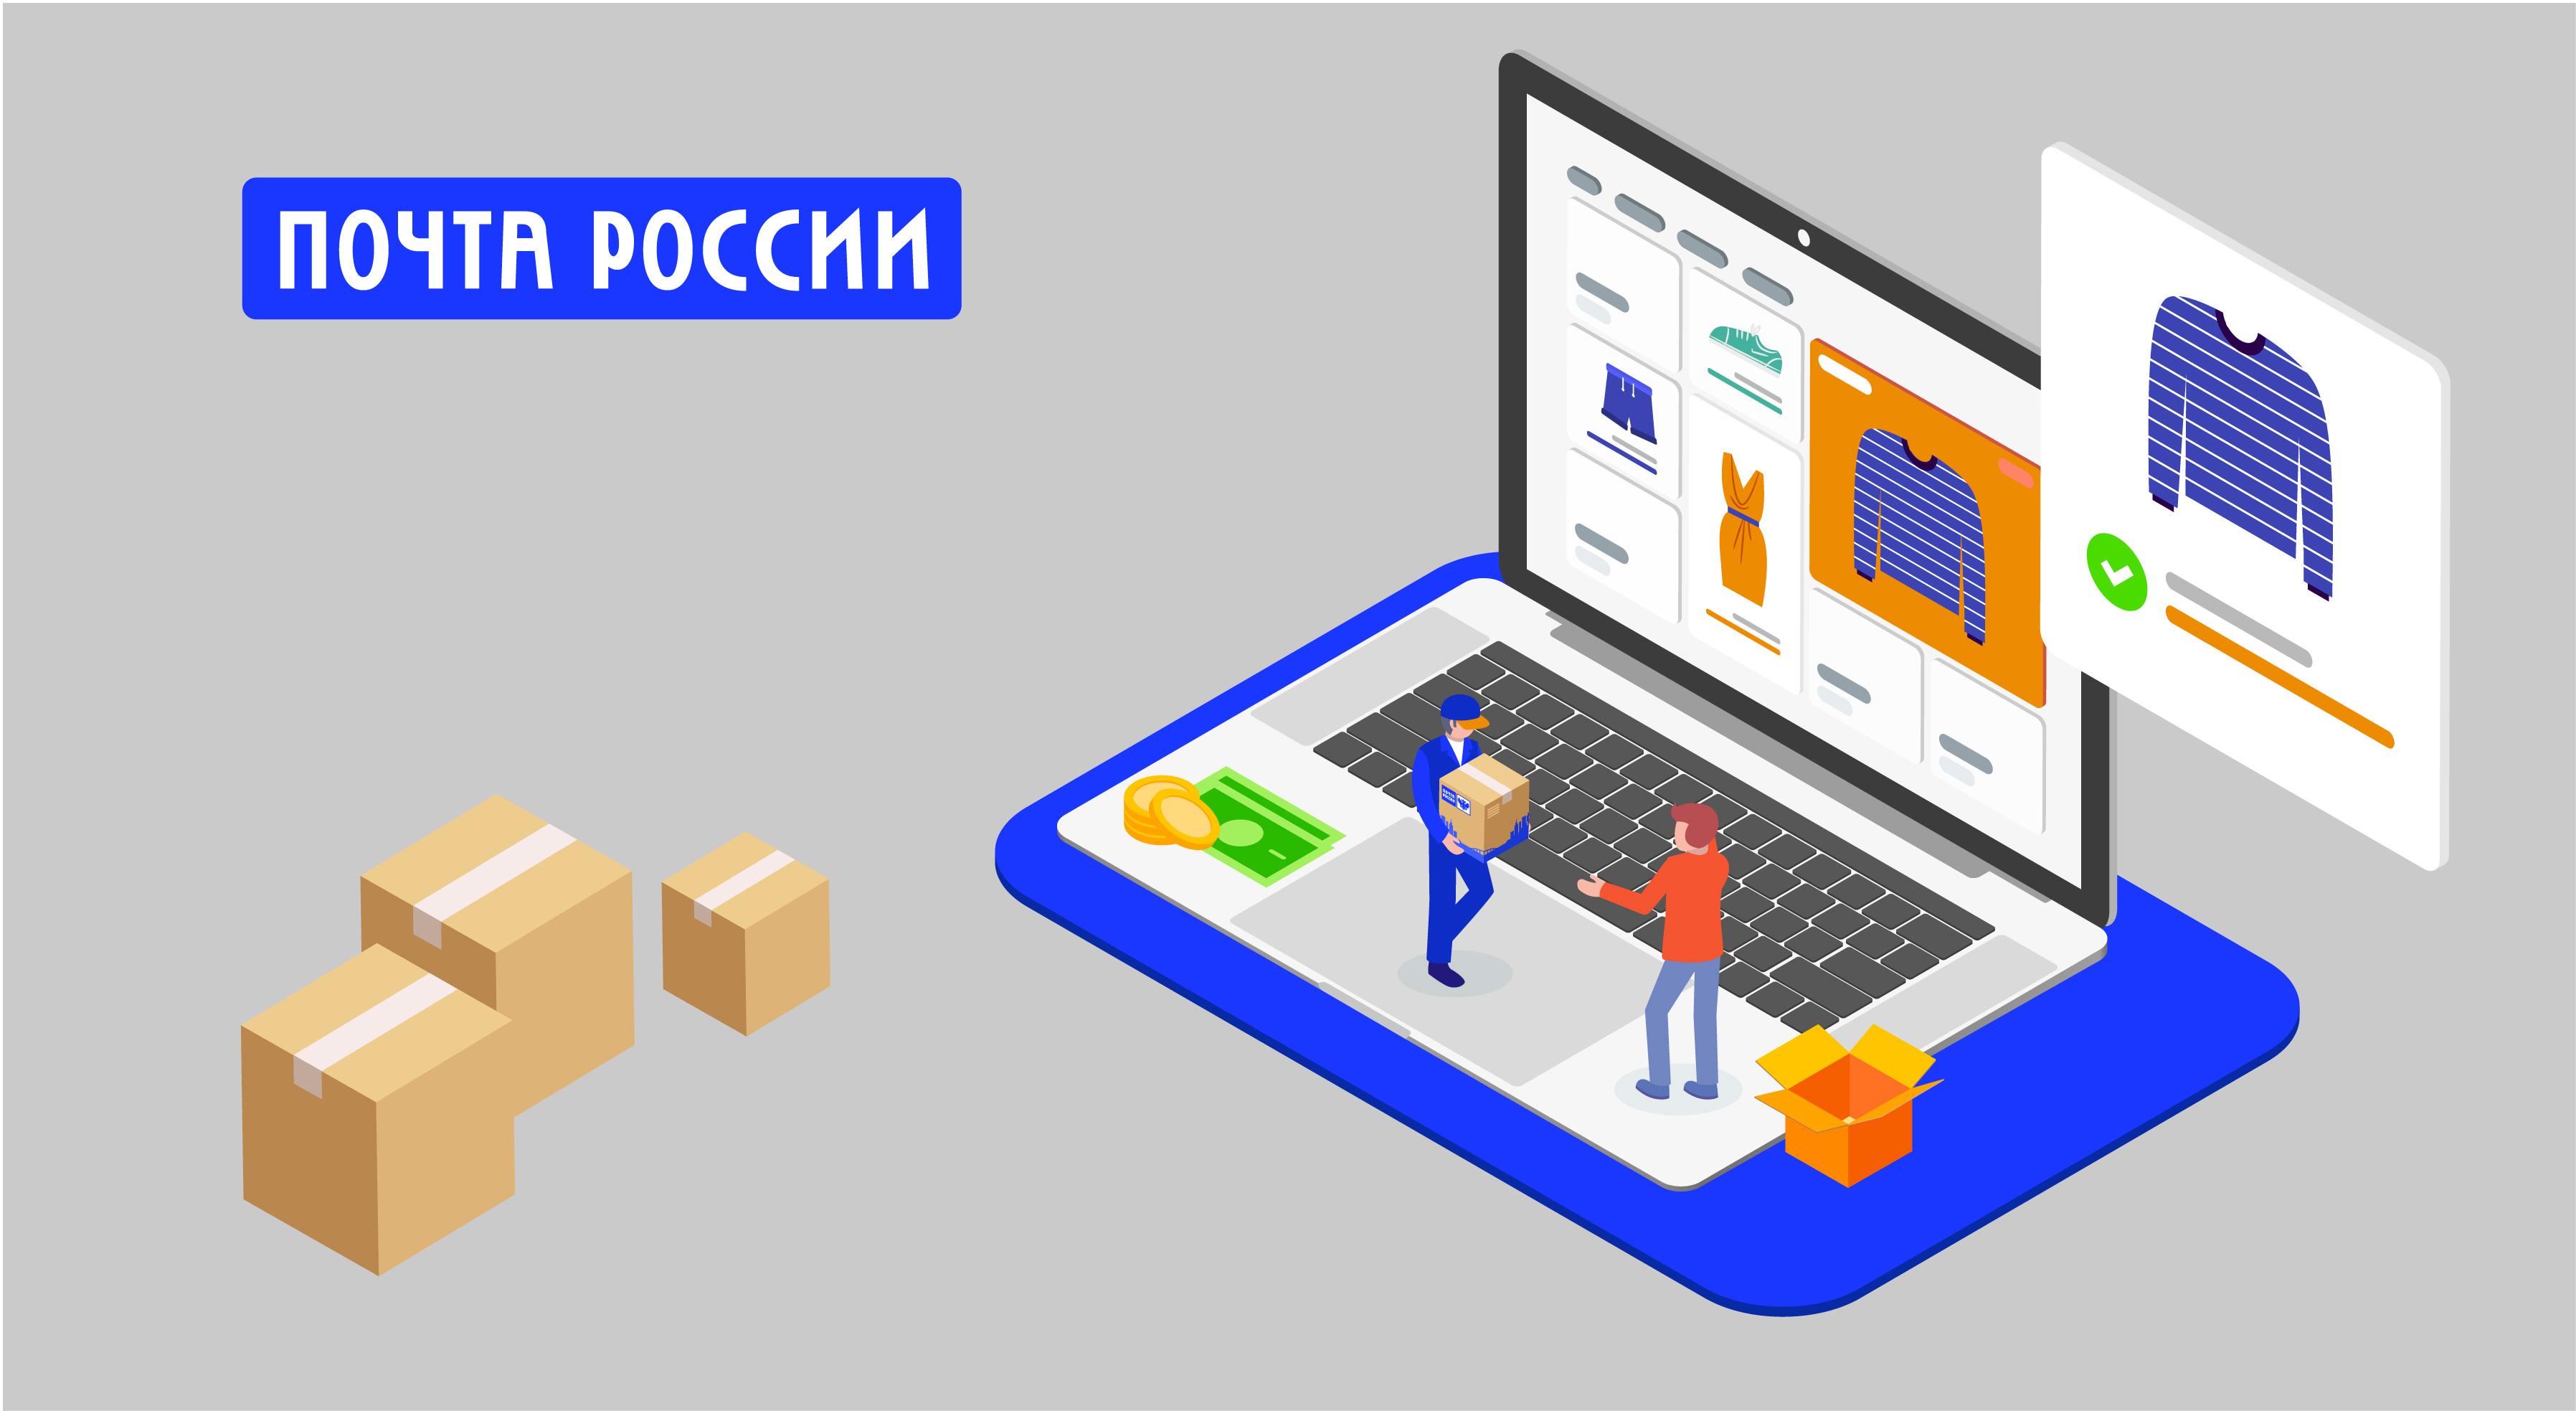 Расширяйте географию доставки с Почтой России — подключайтесь через Маркет всего за несколько часов